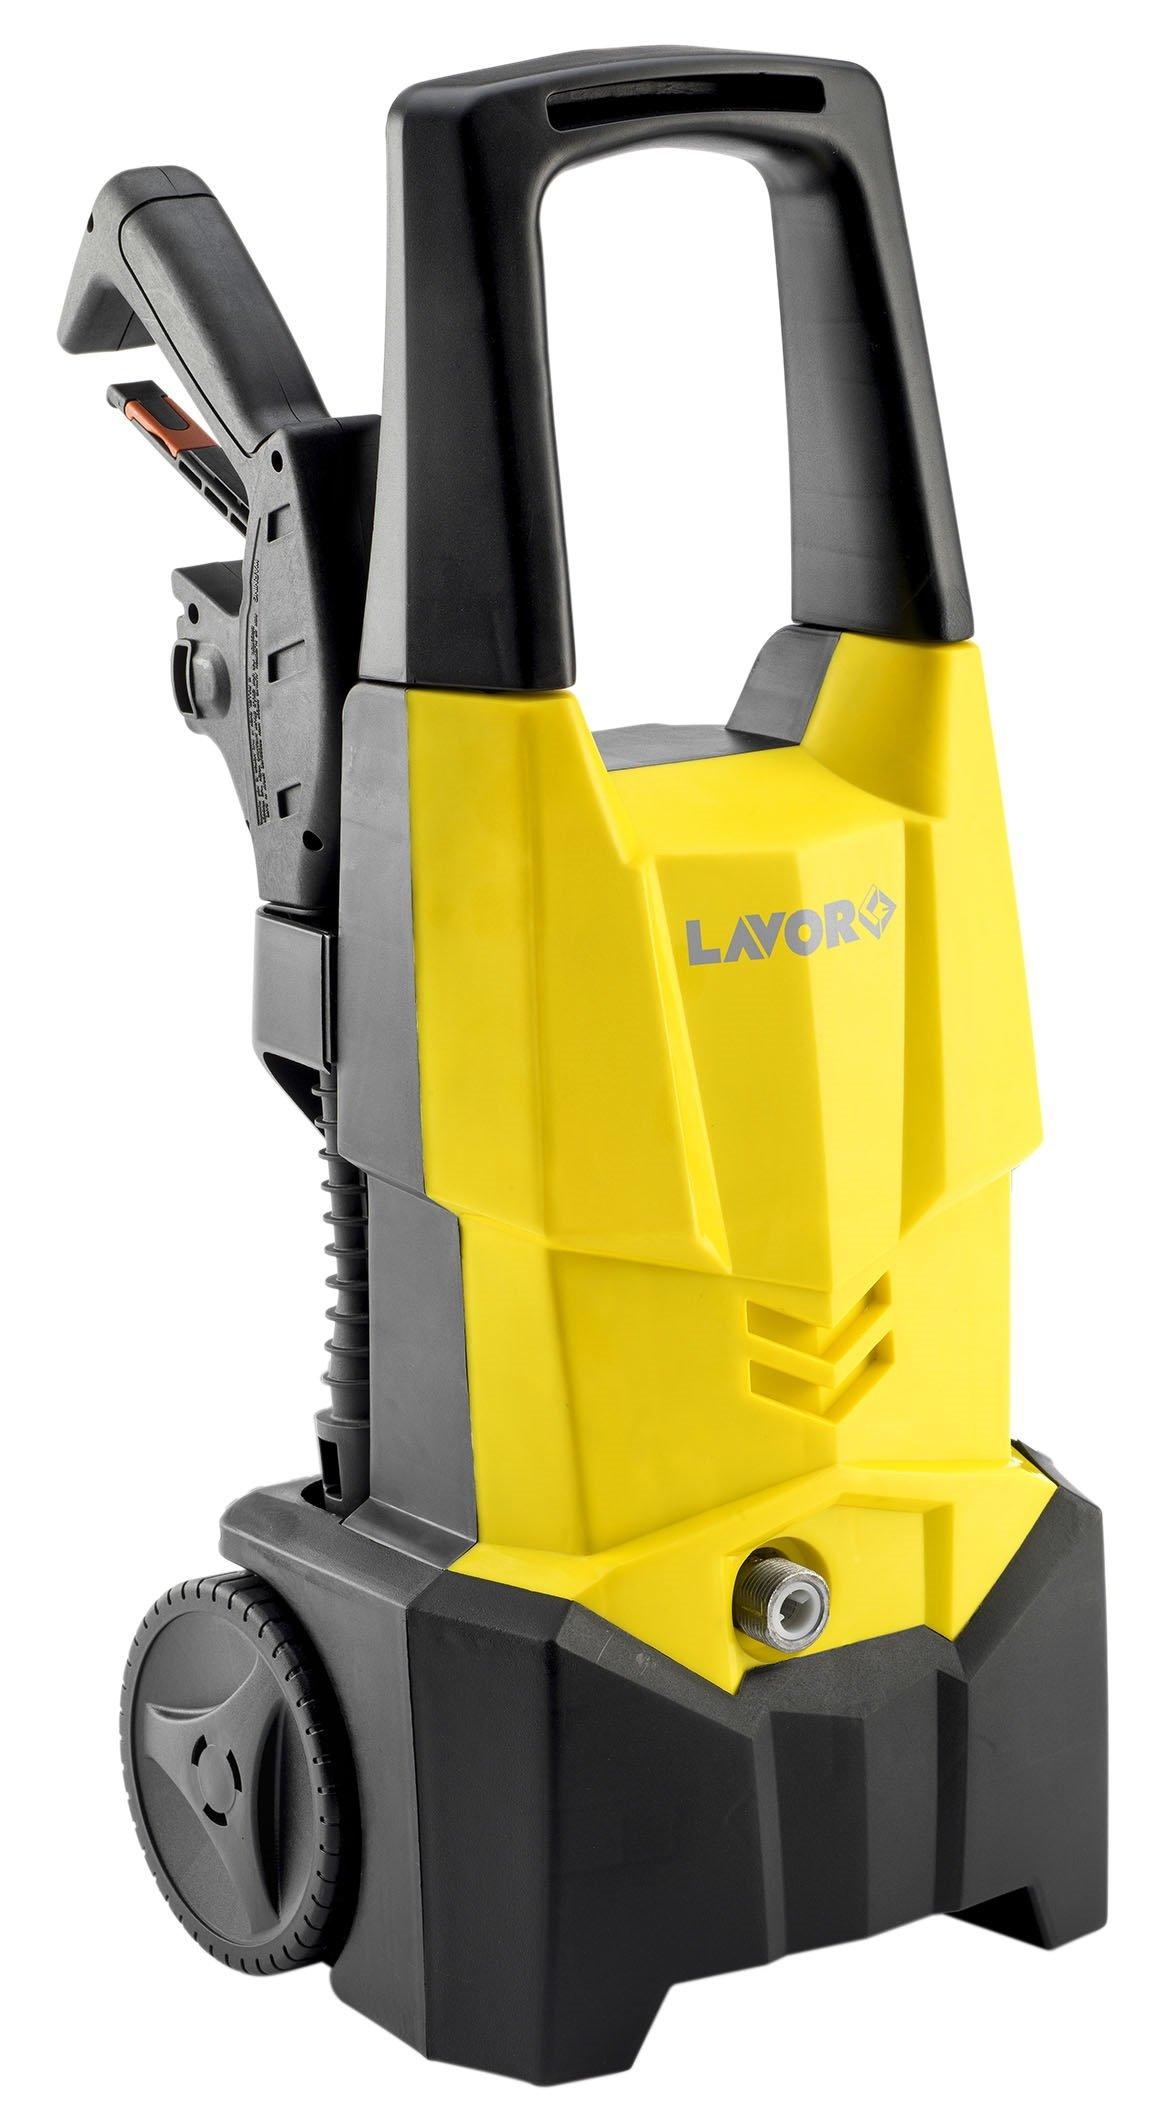 Hochdruckreiniger-ONE-PLUS-130-Kaltwasser-Hochdruckreiniger-130-bar-Arbeitsdruck-inkl-verschiedener-Zubehraufstze-Lieferleistung-420-lh-mit-Rollen